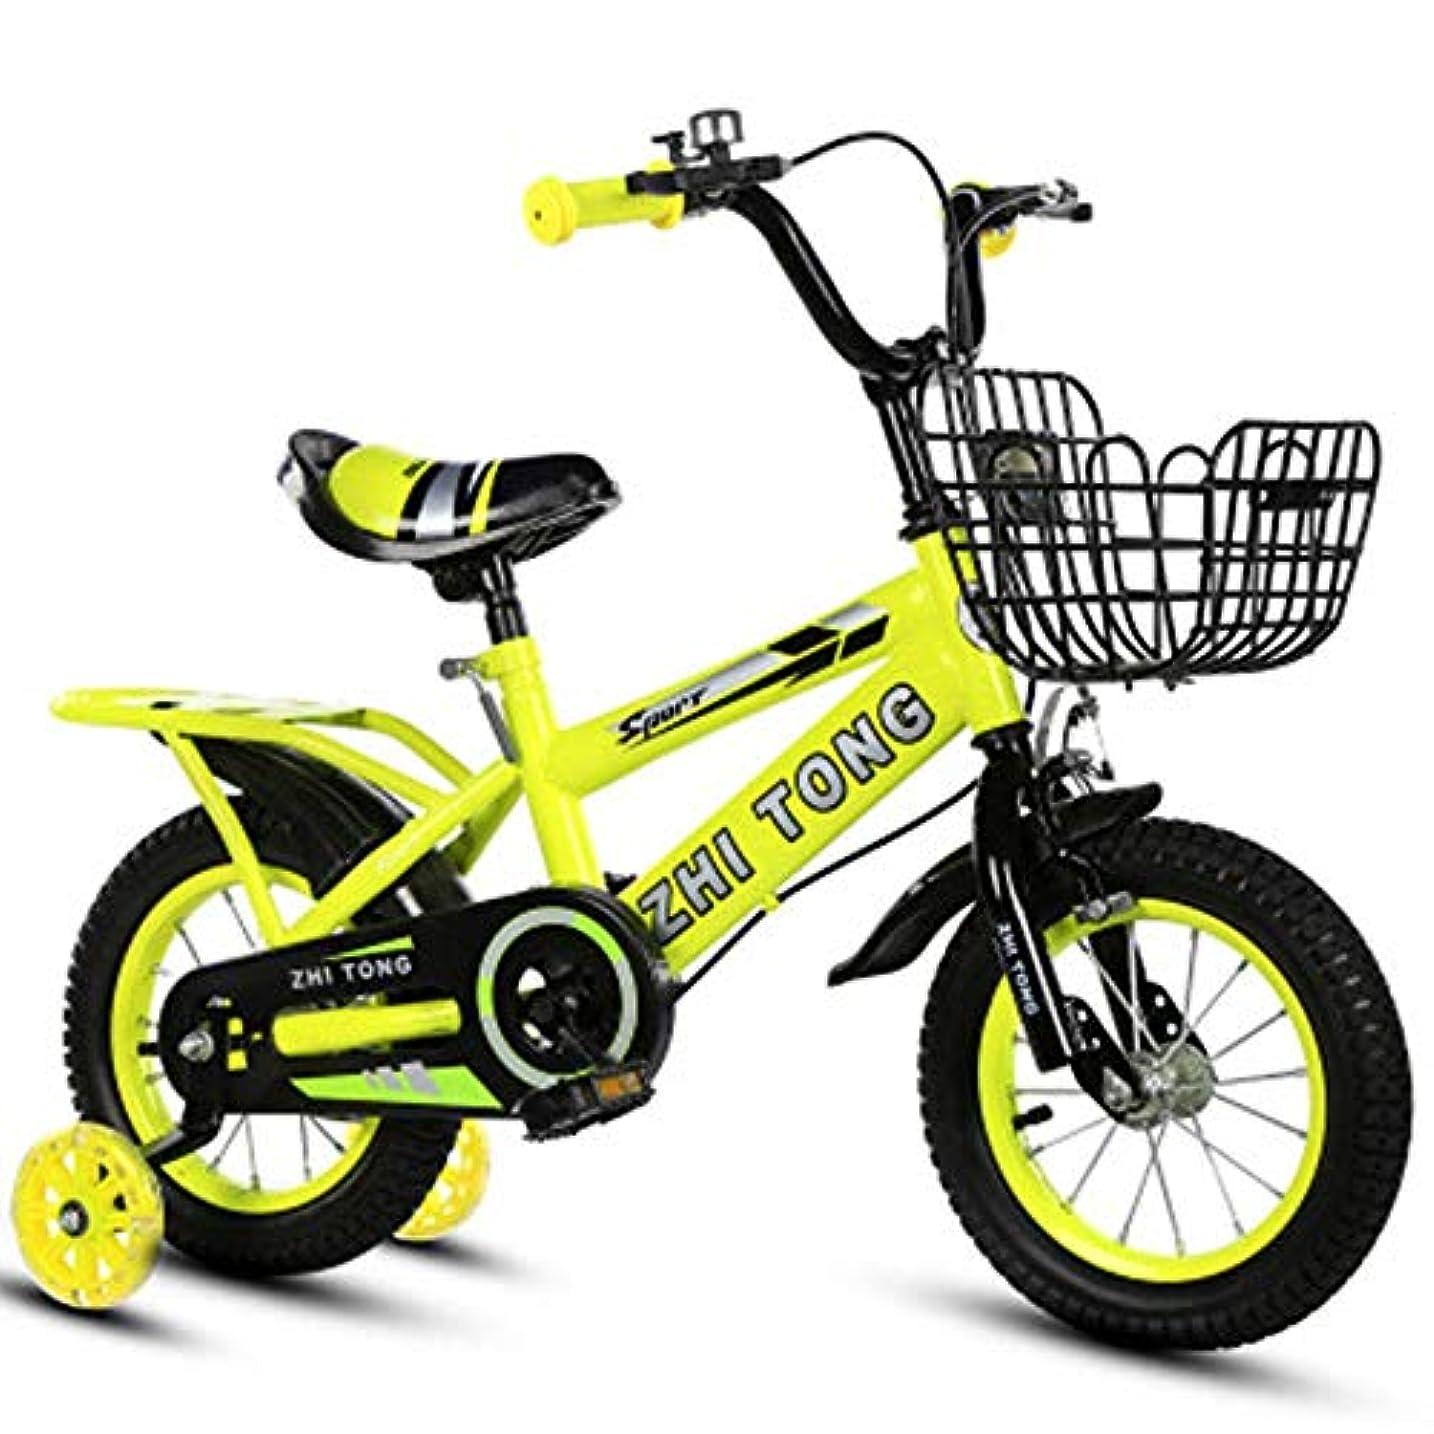 疑い者使用法病子供用自転車、12インチ、14インチ、16インチ、18インチ、男の子と女の子用のバックシートフラッシュ補助ホイールで調整可能2?9歳の誕生日プレゼント